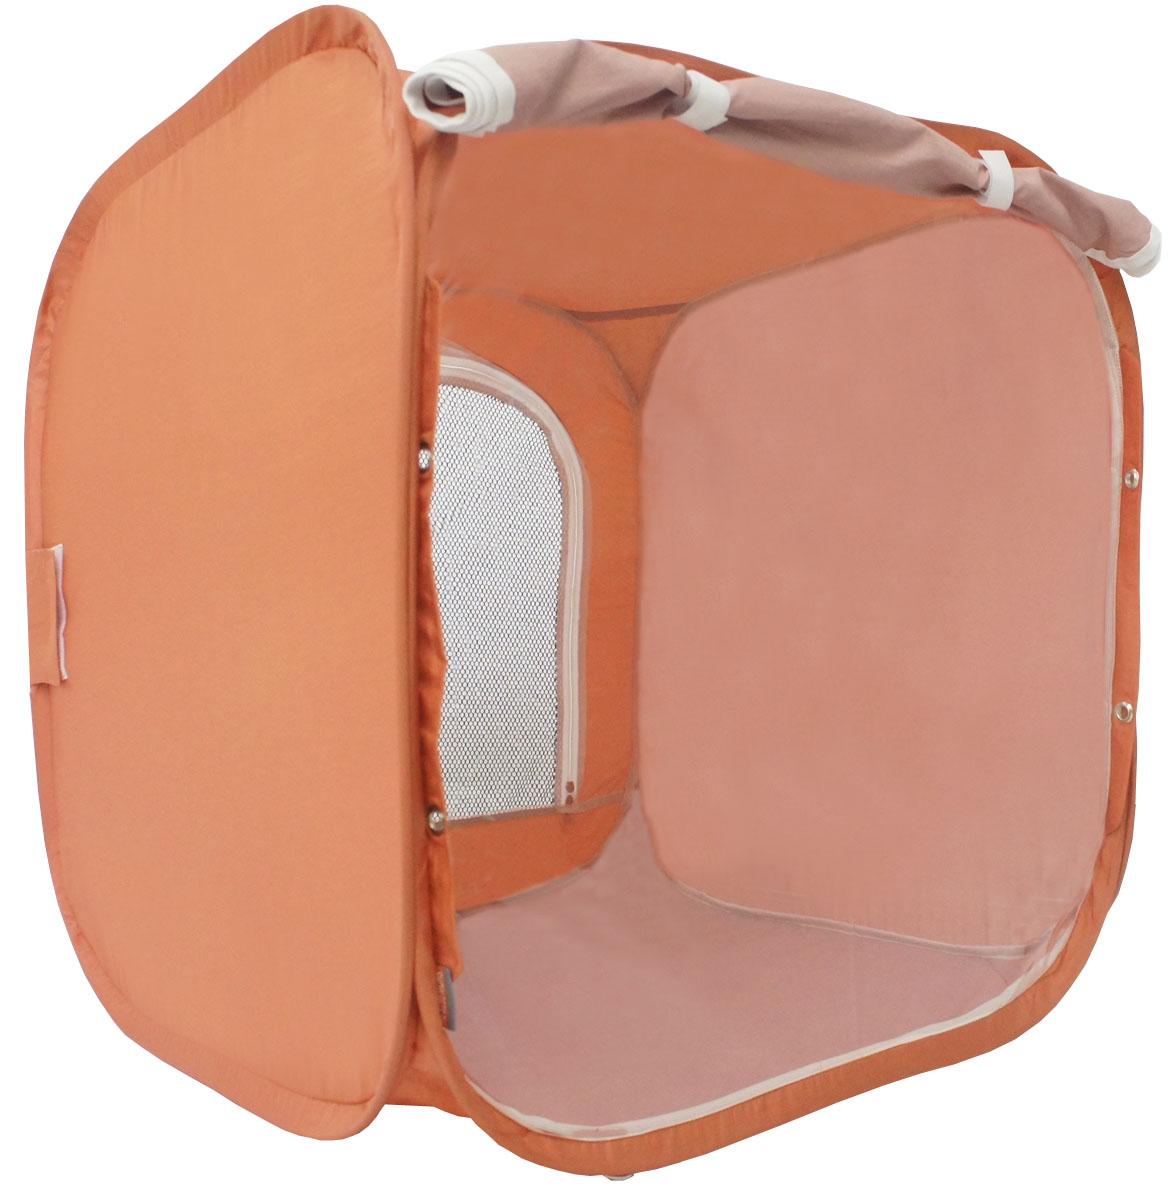 Палатка для выставки животных Шоу-Петс, цвет: корица, 60 х 60 х 60 см. ПВЛ1K0120710Палатка Шоу-Петс разработана профессиональными заводчиками для тех, кто хочет перемещаться и выставляться со своими питомцами легко и комфортно.Палатка разворачивается и сворачивается за 30 секунд. Экран палатки выполнен из суперпрозрачной пленки, шторка по желанию может опускаться и полностью закрывать экран от взглядов посетителей выставки.Палатка сворачивается восьмеркой в компактный блинчик и убирается в компрессионный чехол (в комплекте).Также в комплекте к палатке предусмотрены ремни для крепления к столу, а так же ими удобно фиксировать палатку в поезде на верхней полке или в машине.Со стороны заводчика расположен большой удобный вход в палатку на молнии, бегунки молнии фиксируются крепежом, не позволяющим животному самостоятельно открыть вход и выбраться из палатки.В скрученном виде палатка практически не занимает места в багаже и не ощущается по весу. Данный размер палатки предназначен для комфортного размещения на выставке одного животного среднего размера.Материал палатки очень прочный и устойчивый на разрыв.